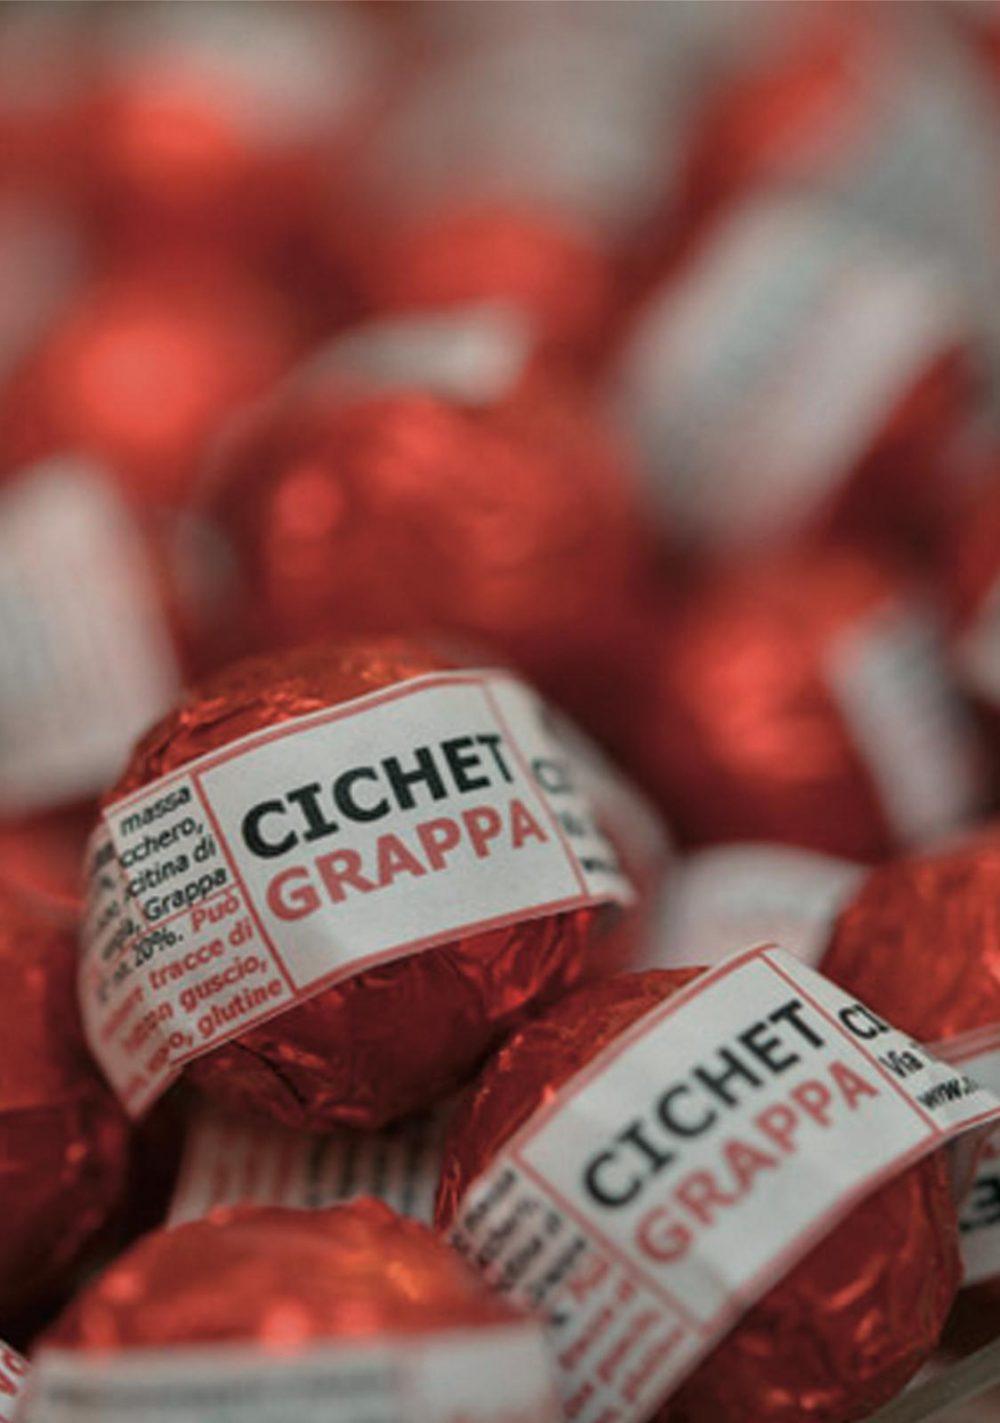 Nella Cioccolata - i cichet